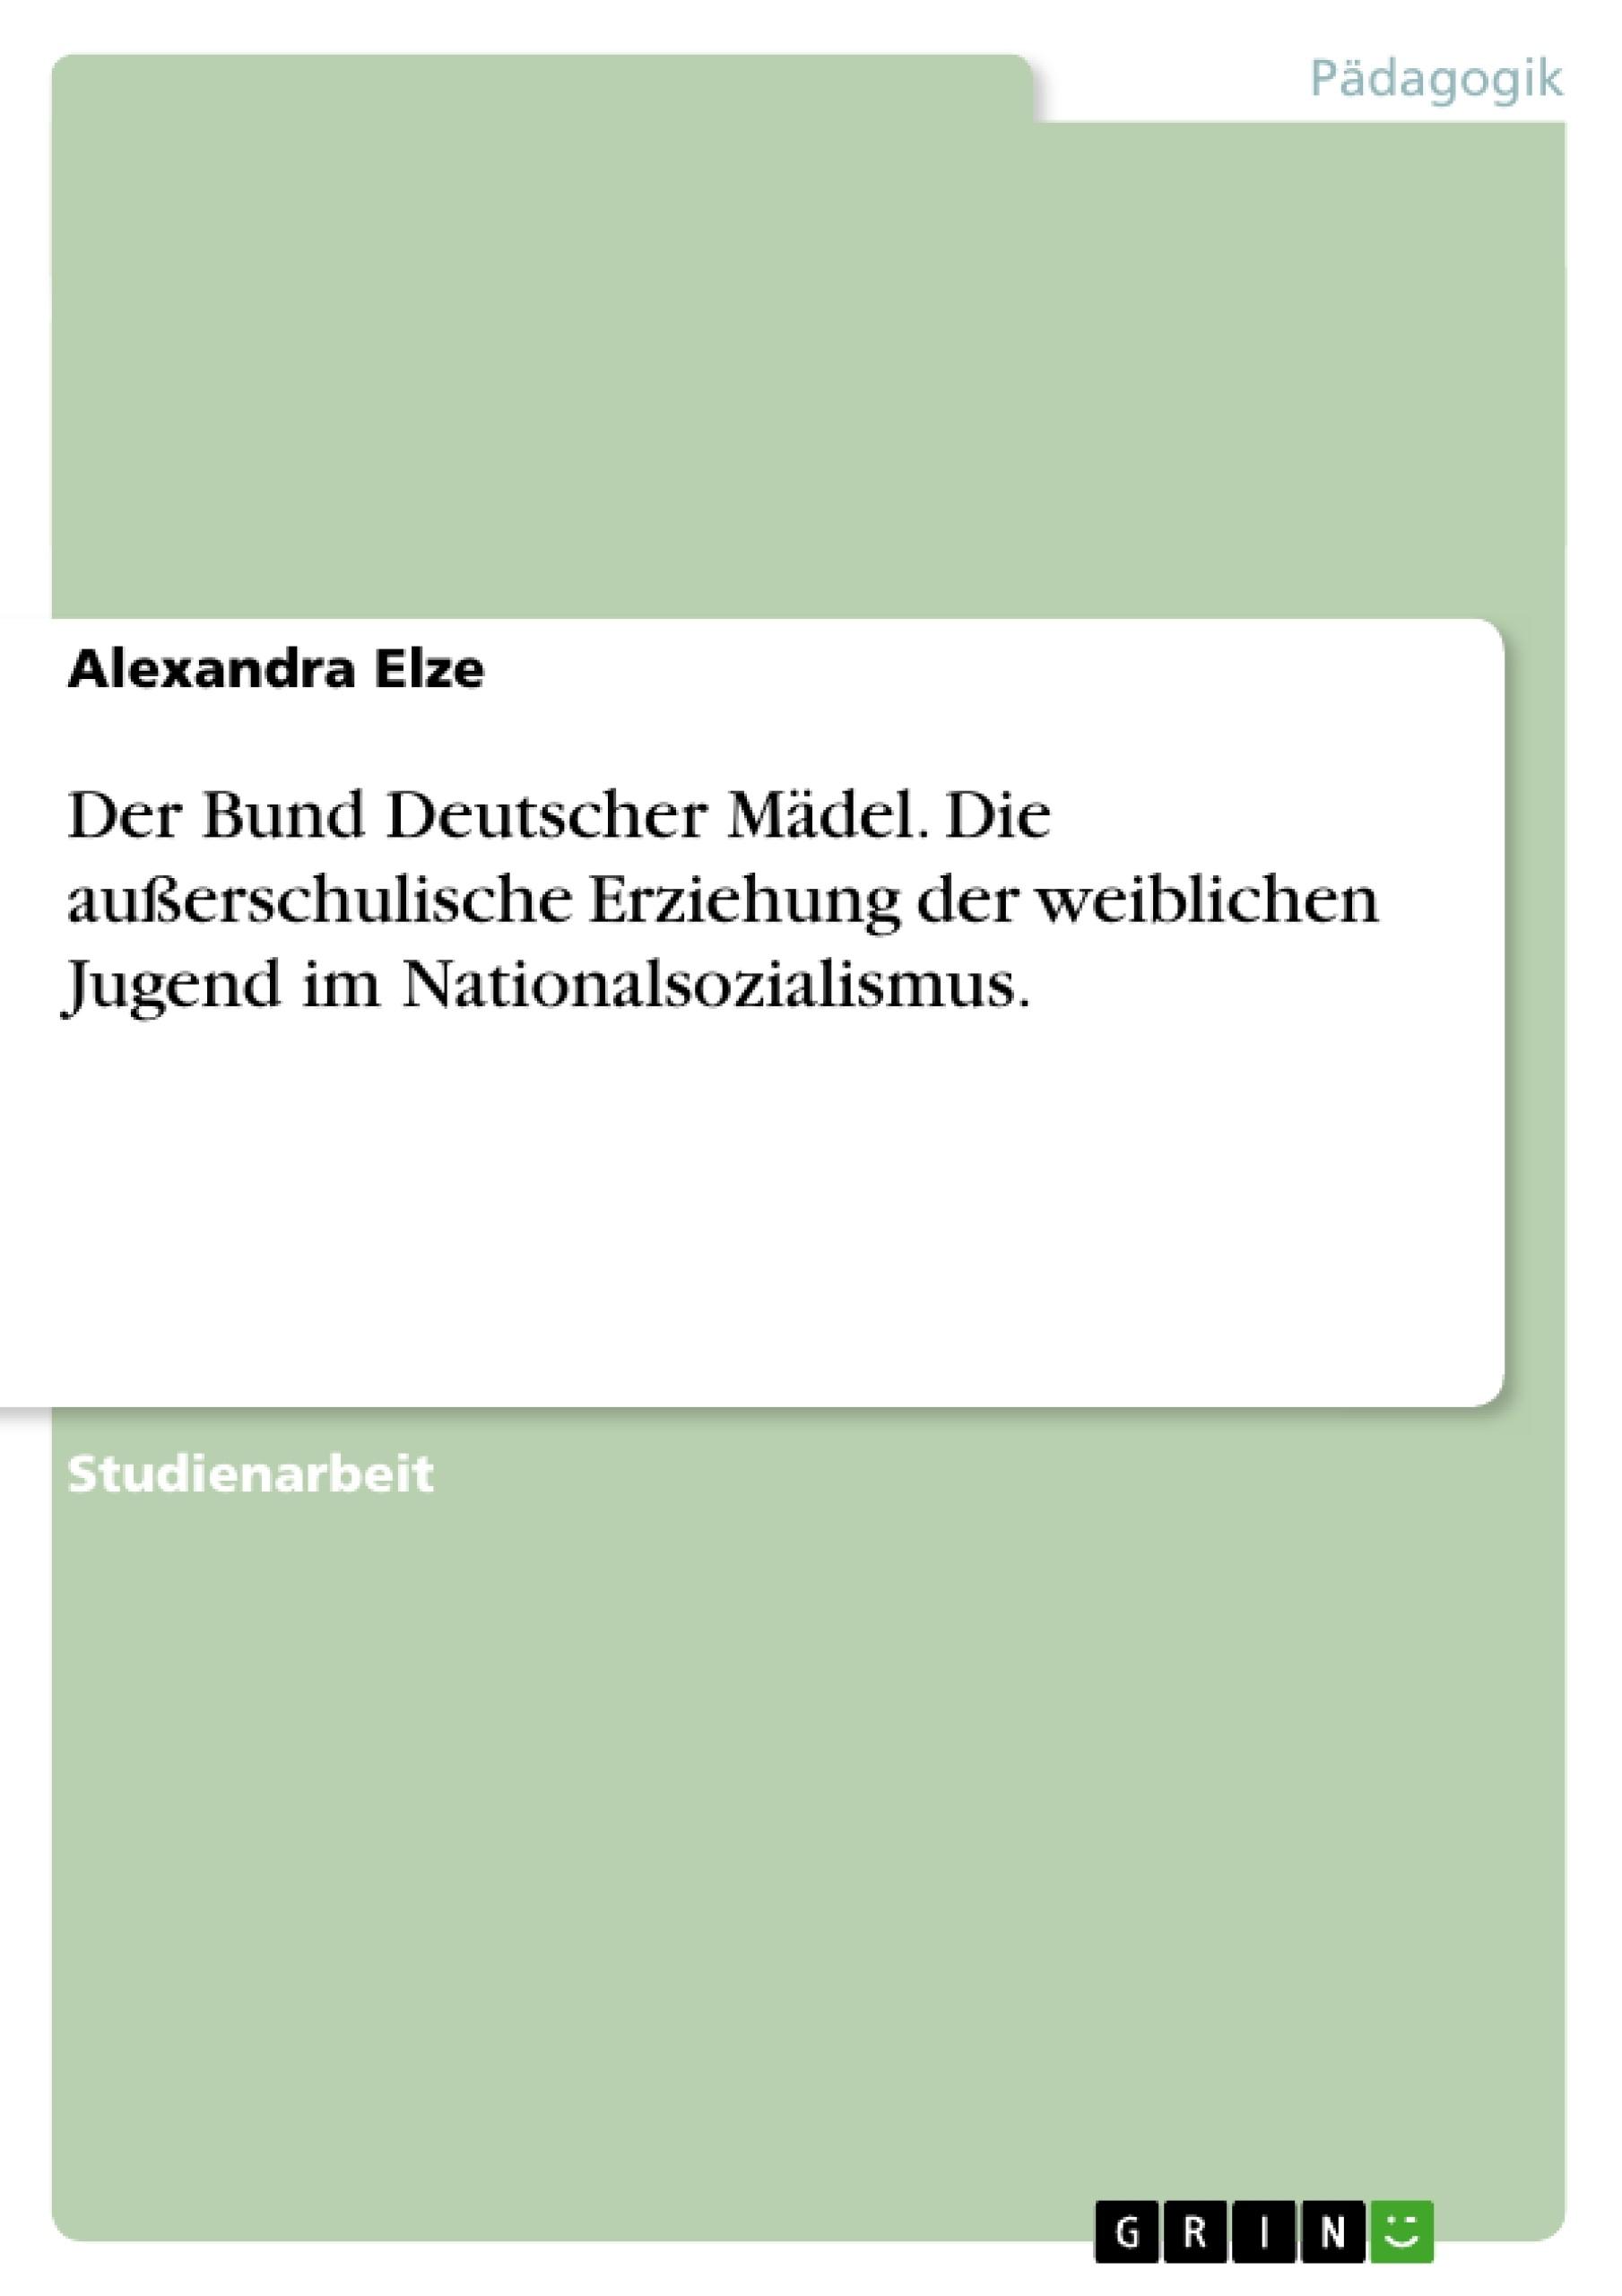 Titel: Der Bund Deutscher Mädel. Die außerschulische Erziehung der weiblichen Jugend im Nationalsozialismus.